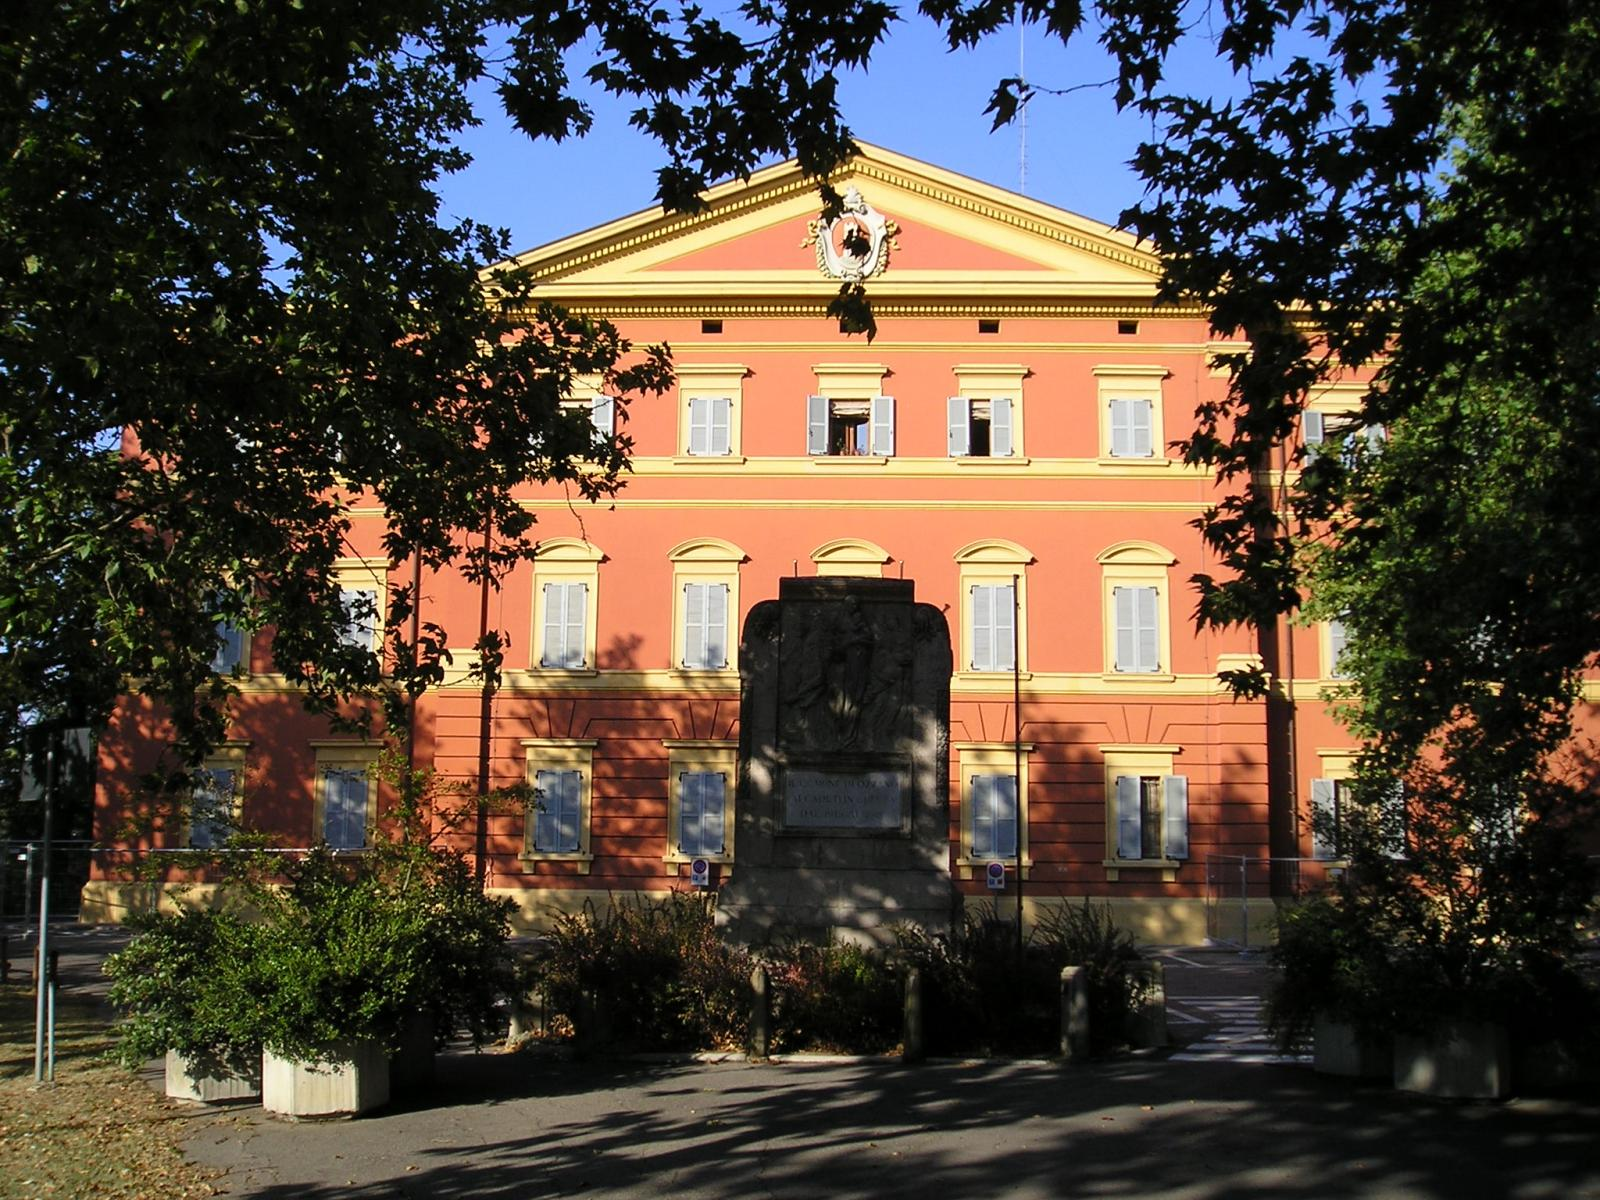 Ufficio Verde Comune Di Bologna : Nuovo comune di bologna methis office lab mobili per ufficio